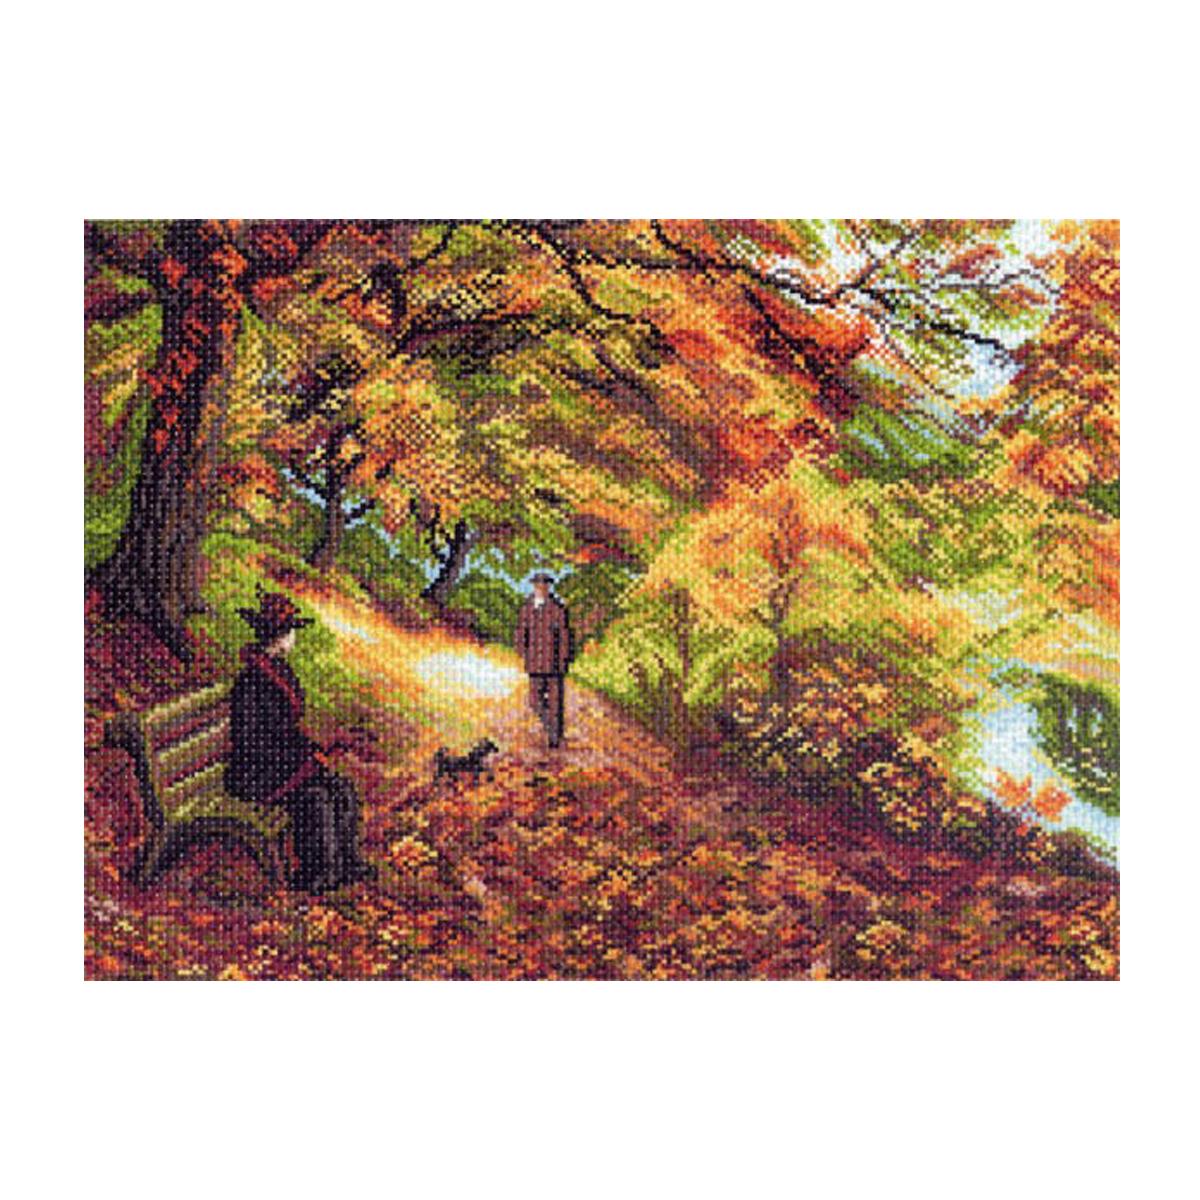 Канва с рисунком Матренин Посад Встреча, 33 см х 45 см. 1411549930Размер: 33x45 см Рисунок полностью напечатан на канве. Указана цветовая карта ниток. Вышивать рекомендуется мулине в 3 сложения.